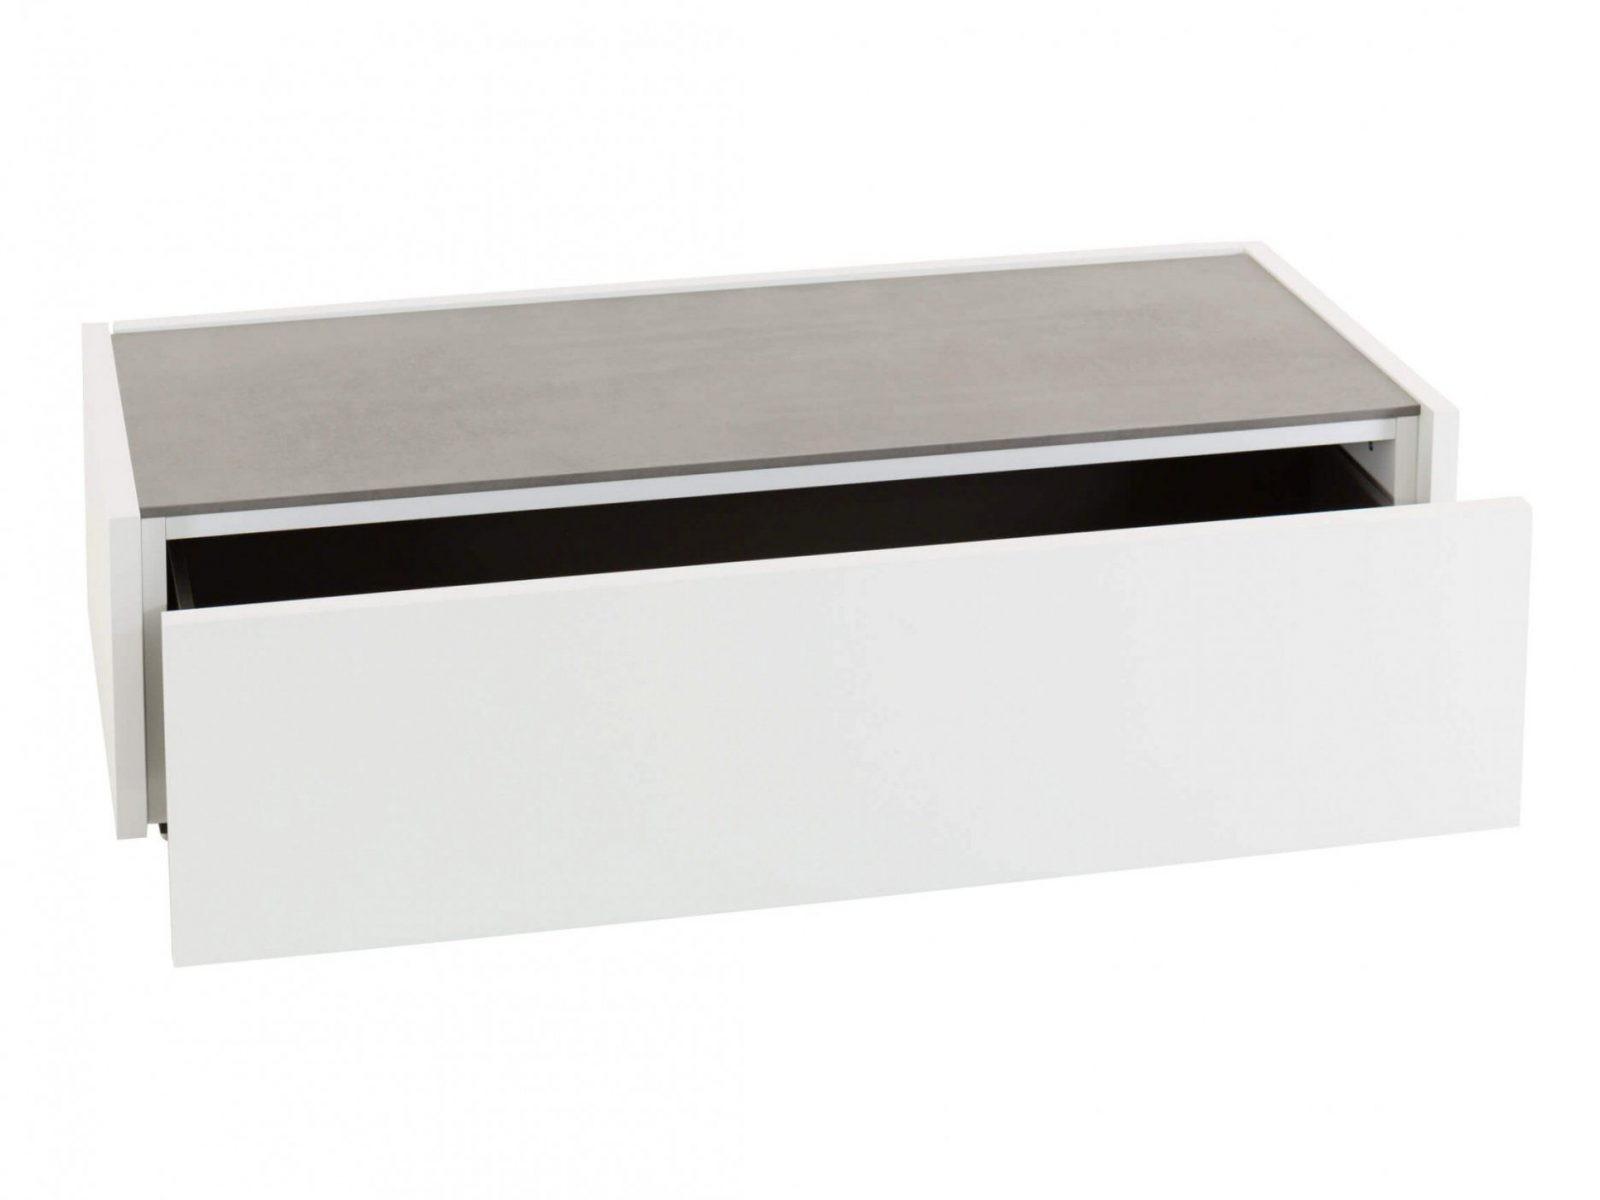 Kreativ Couchtisch Höhenverstellbar Hülsta Zum Hülsta Now Tisch von Couchtisch Höhenverstellbar Hülsta Bild